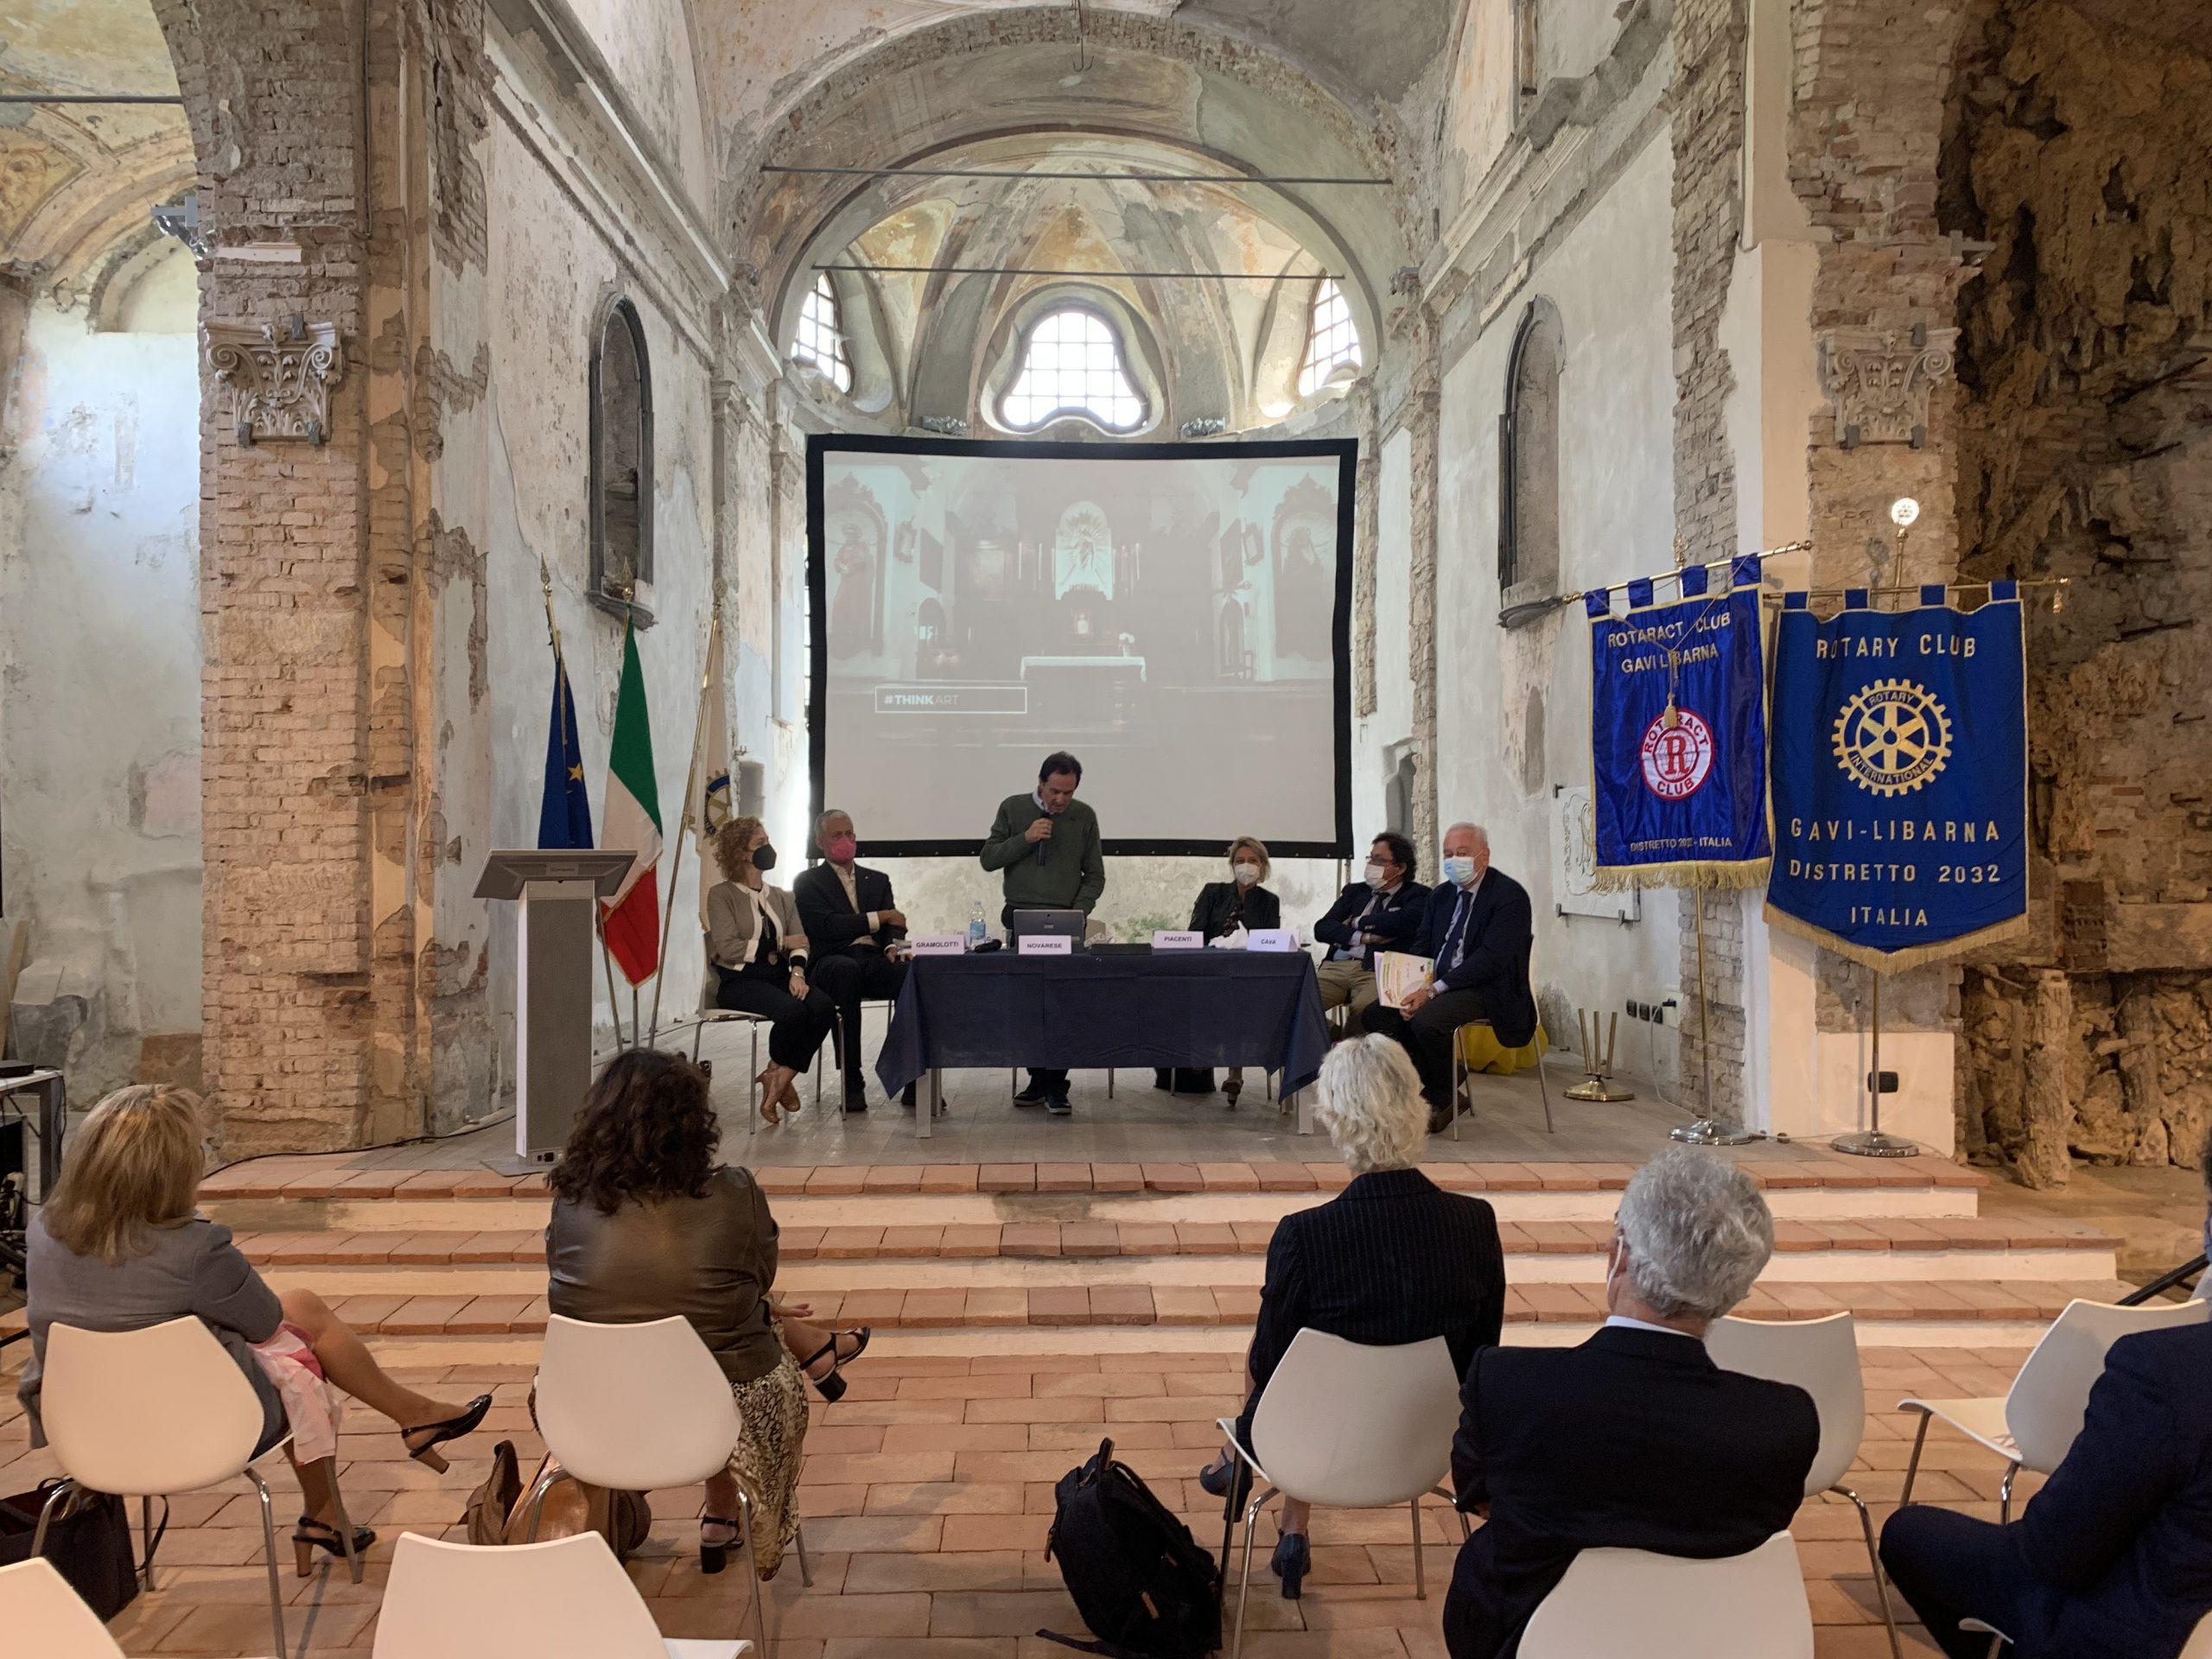 Idee e strumenti per rilanciare il turismo nel Piemonte sud orientale… Ma i Sindaci dove sono?